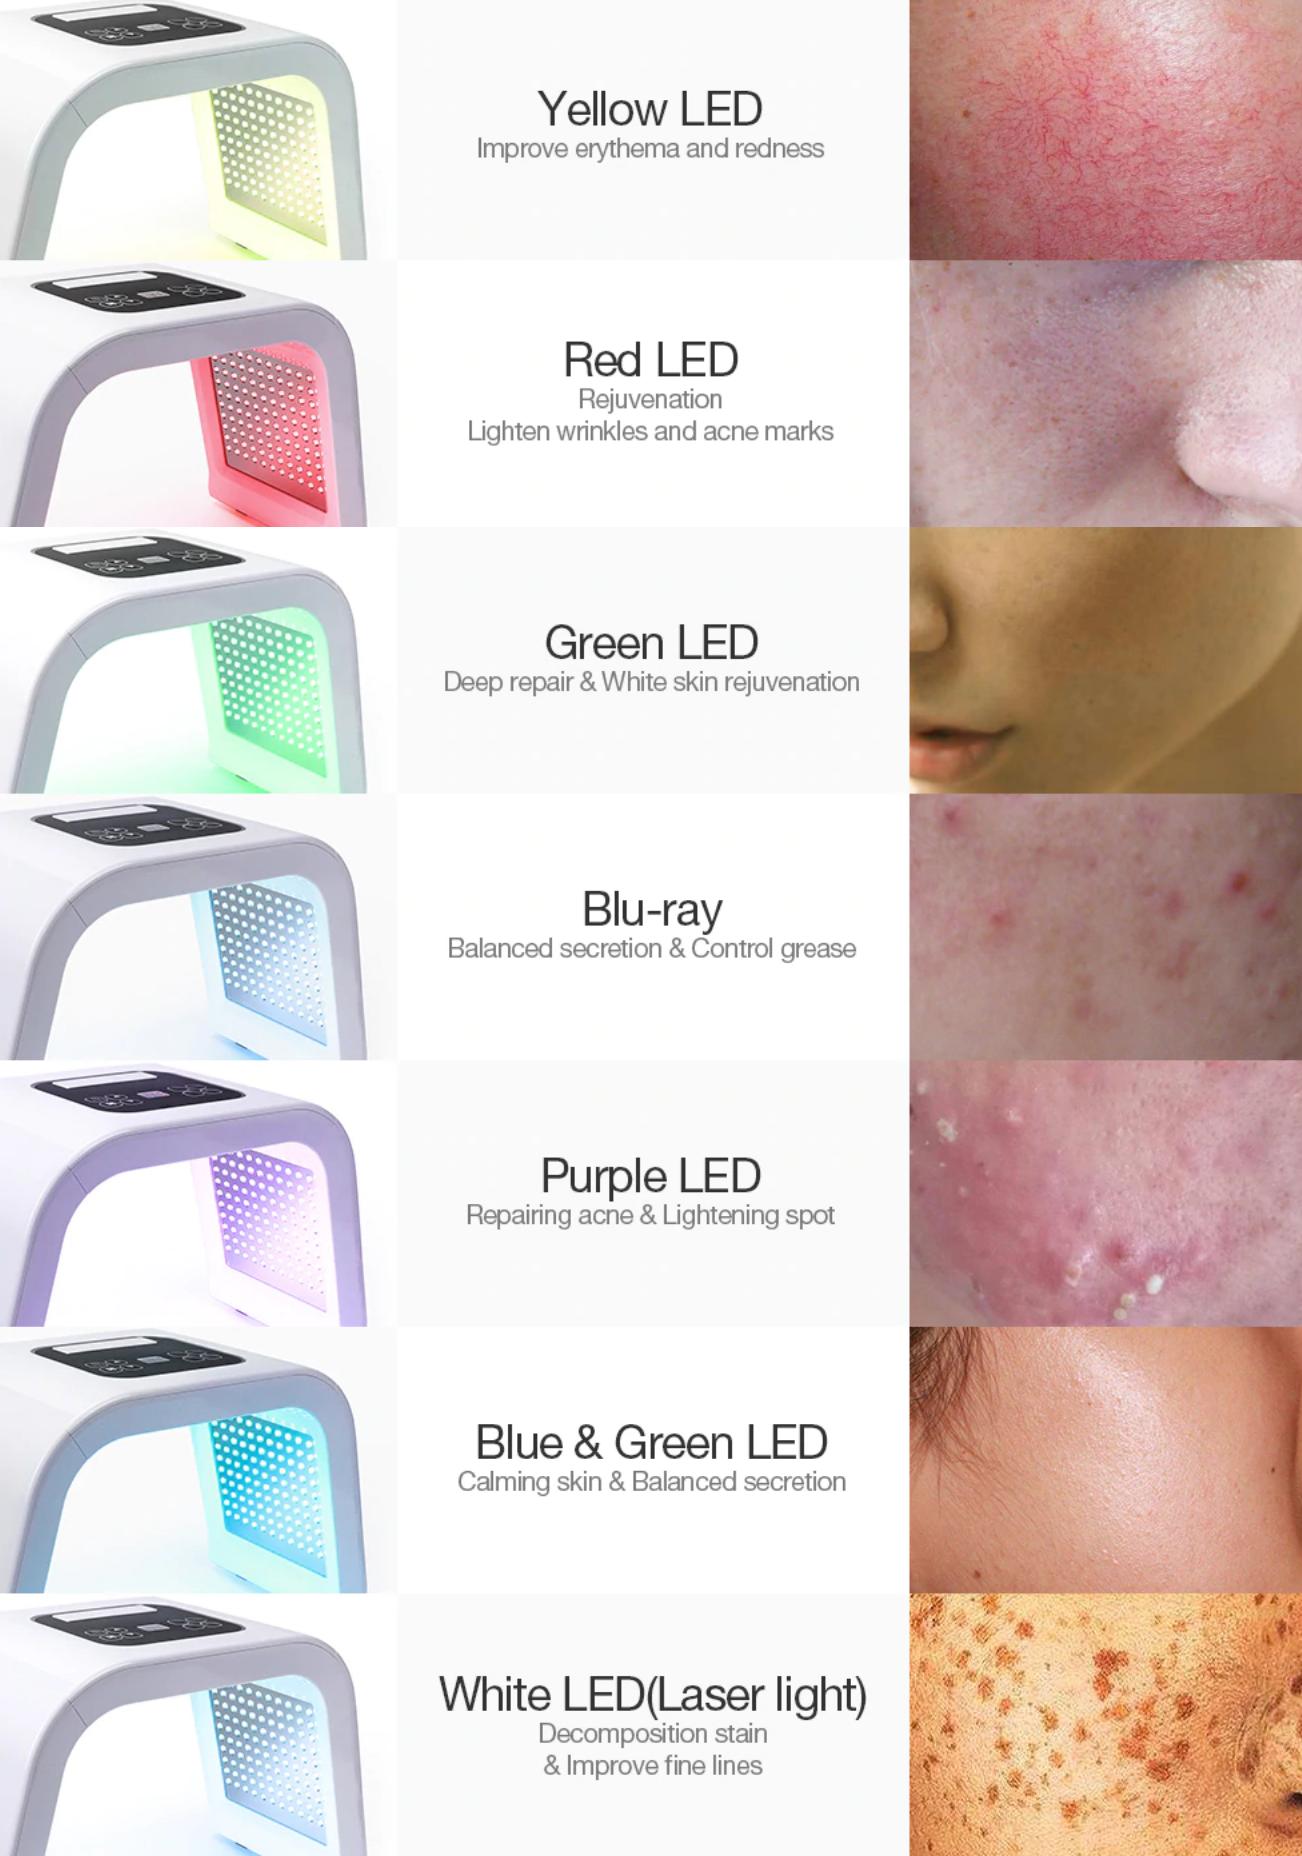 collagen-lys-terapi-mod-rynker-uren-hud